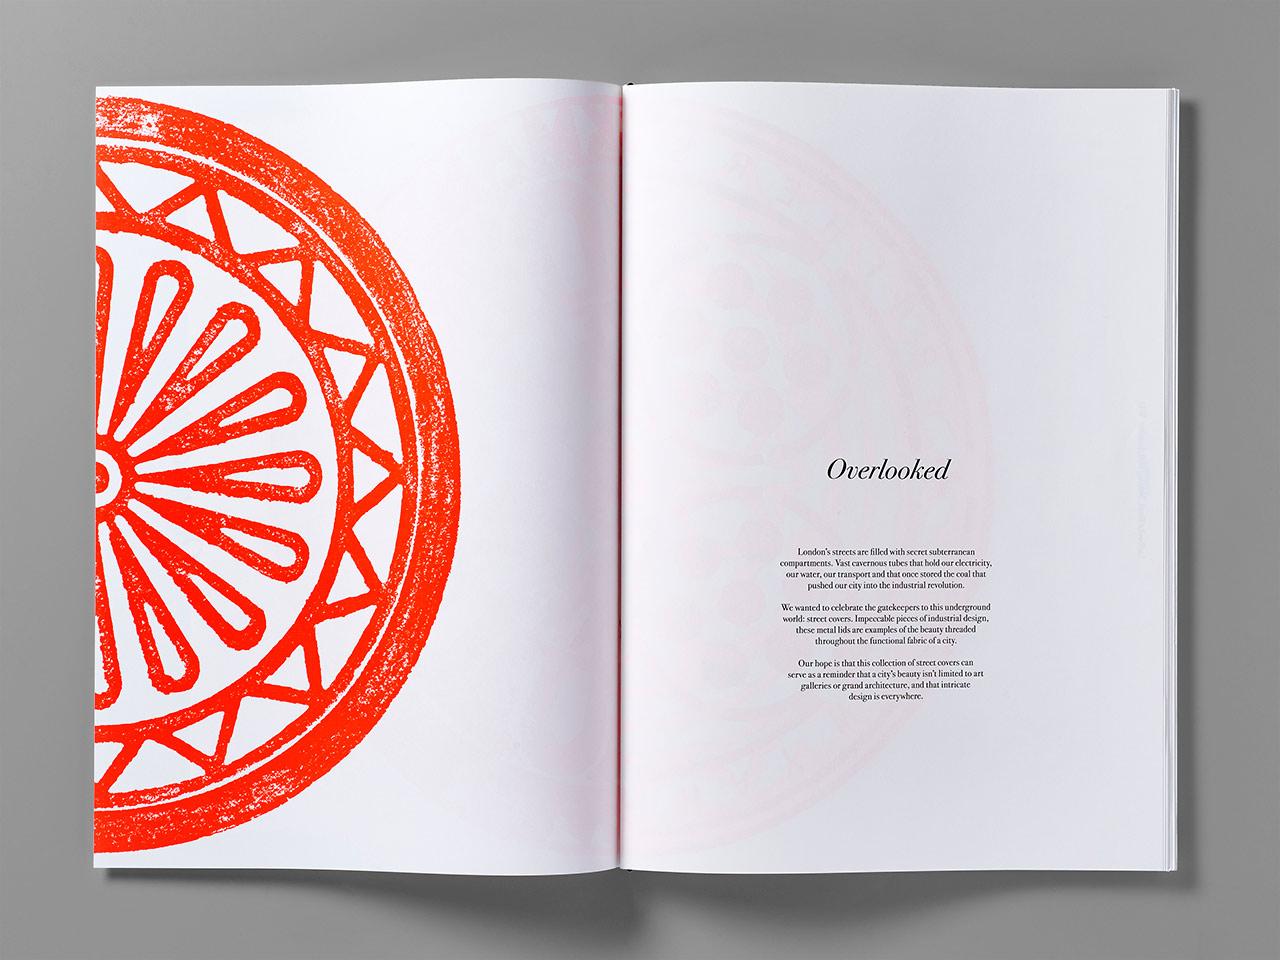 Pentagram_Overlooked-PP-book_02.0.jpg